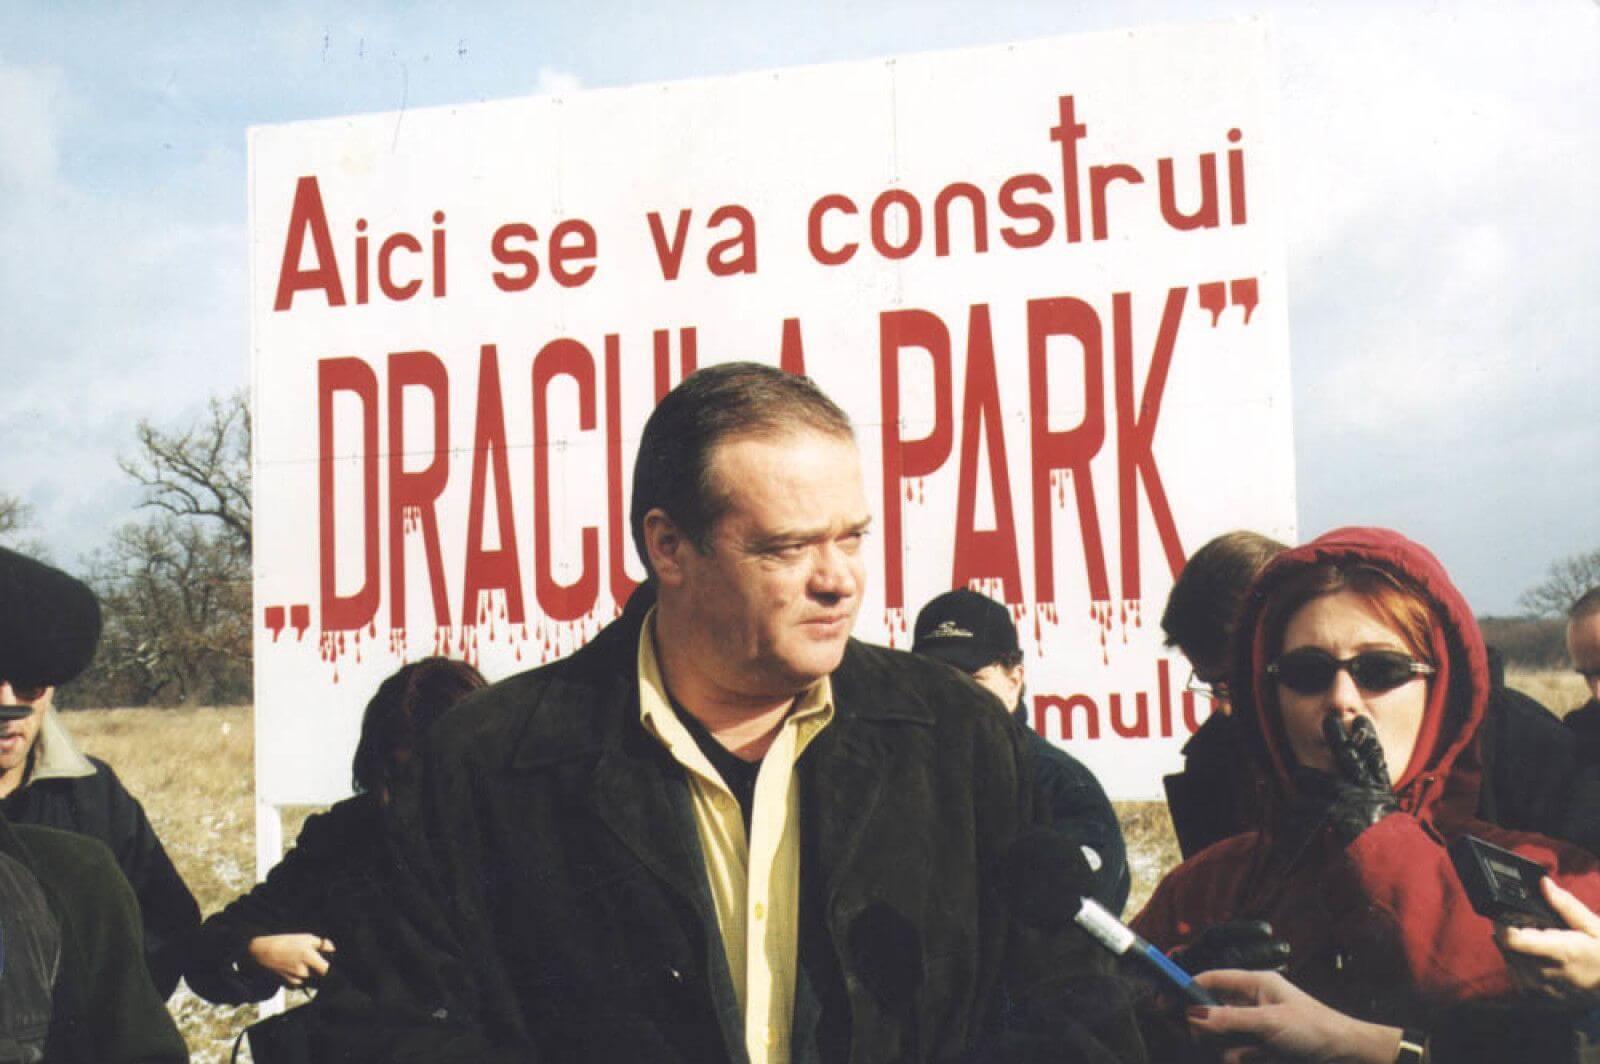 Dracula Park